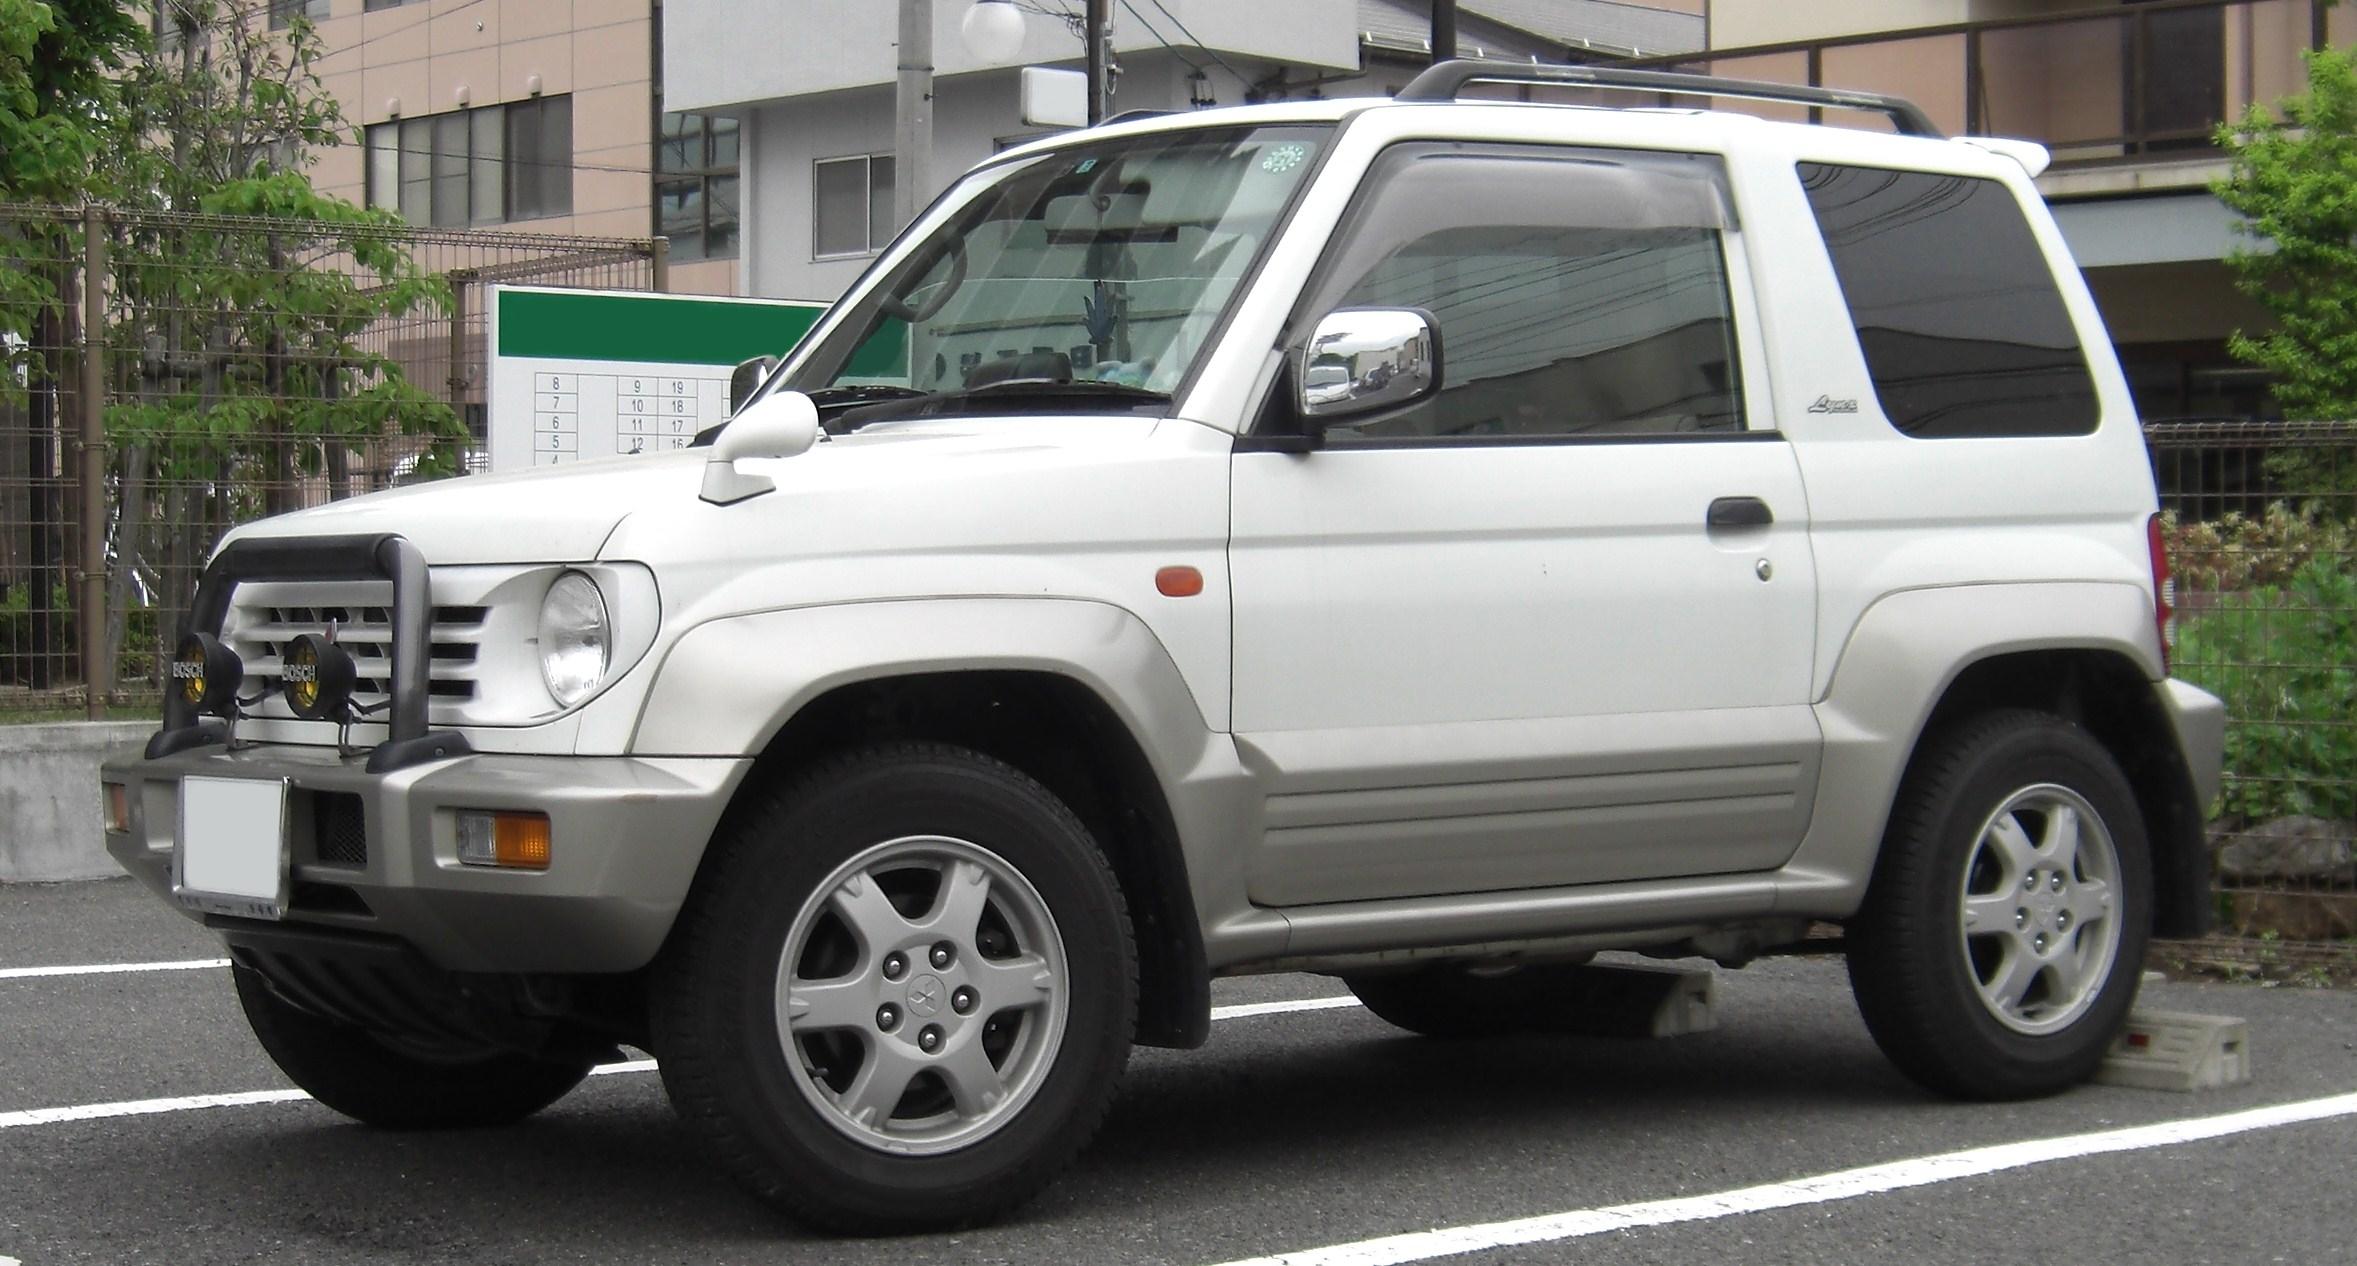 Mitsubishi Pajero 1996 Modified